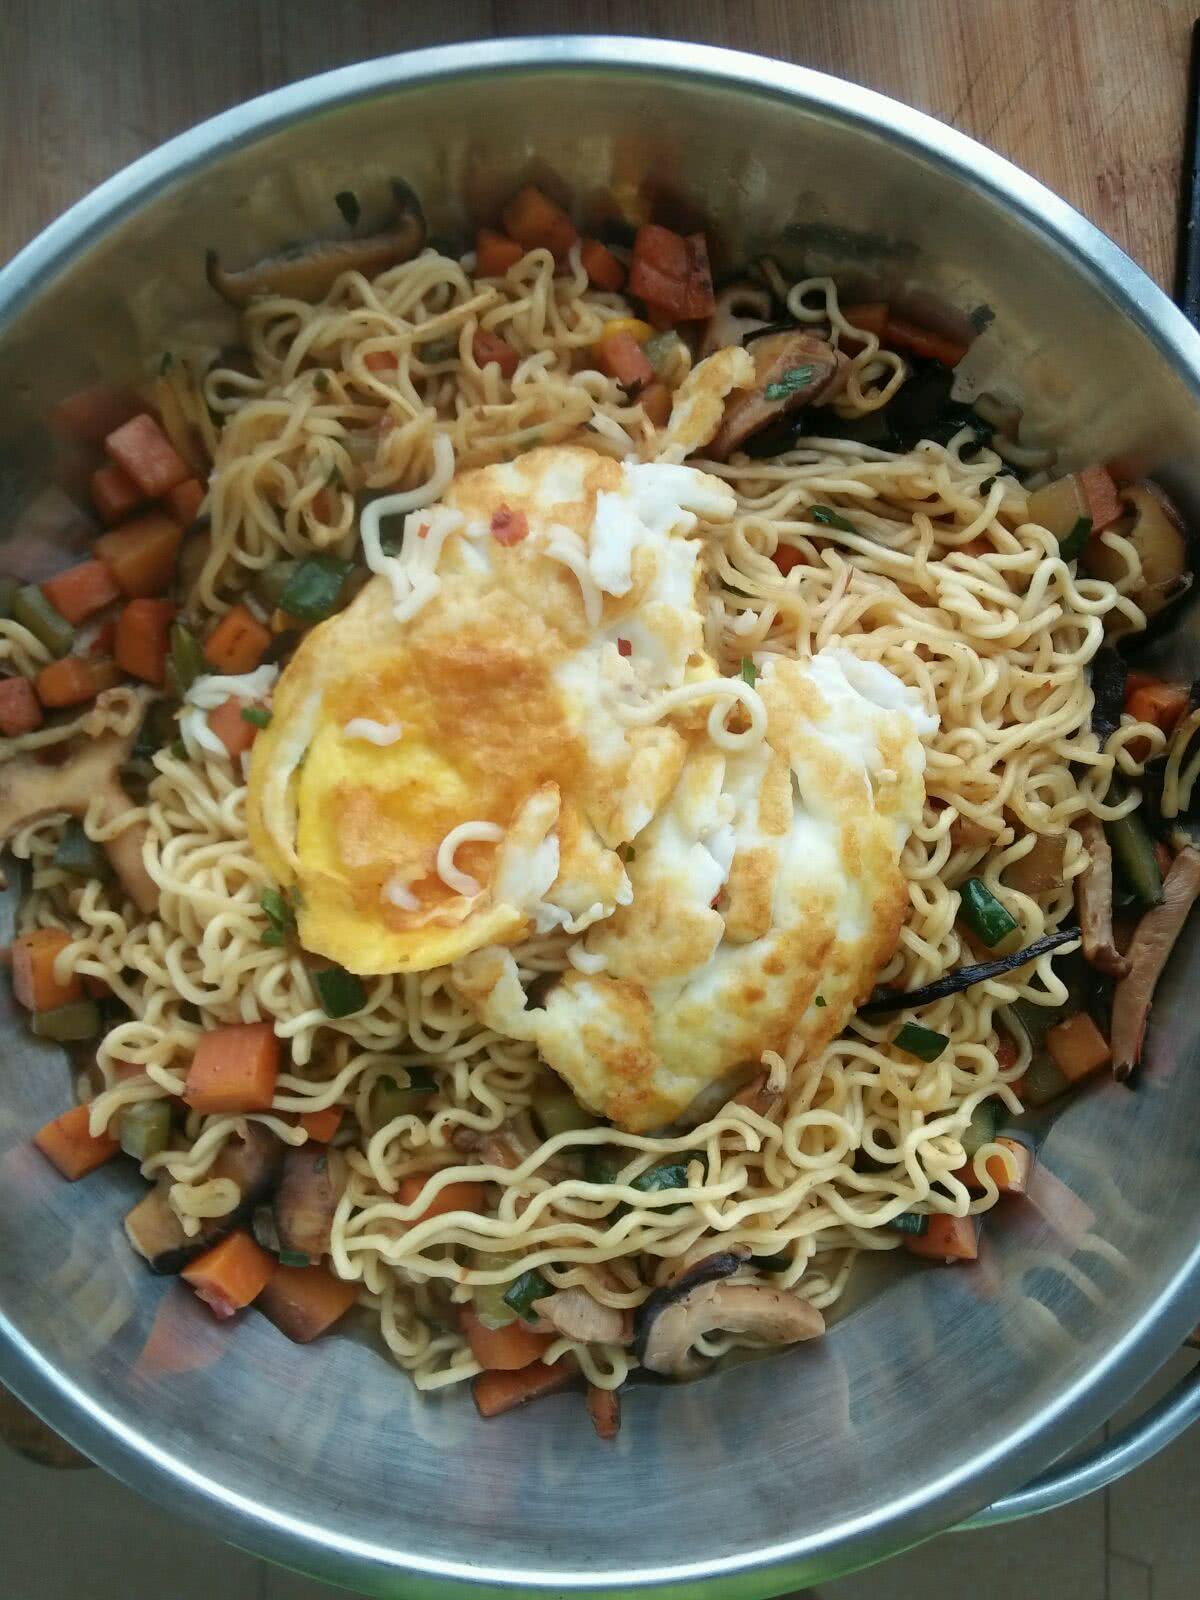 拌炒方便面的做法步骤 1. 1.煎一个蛋 2. 2.